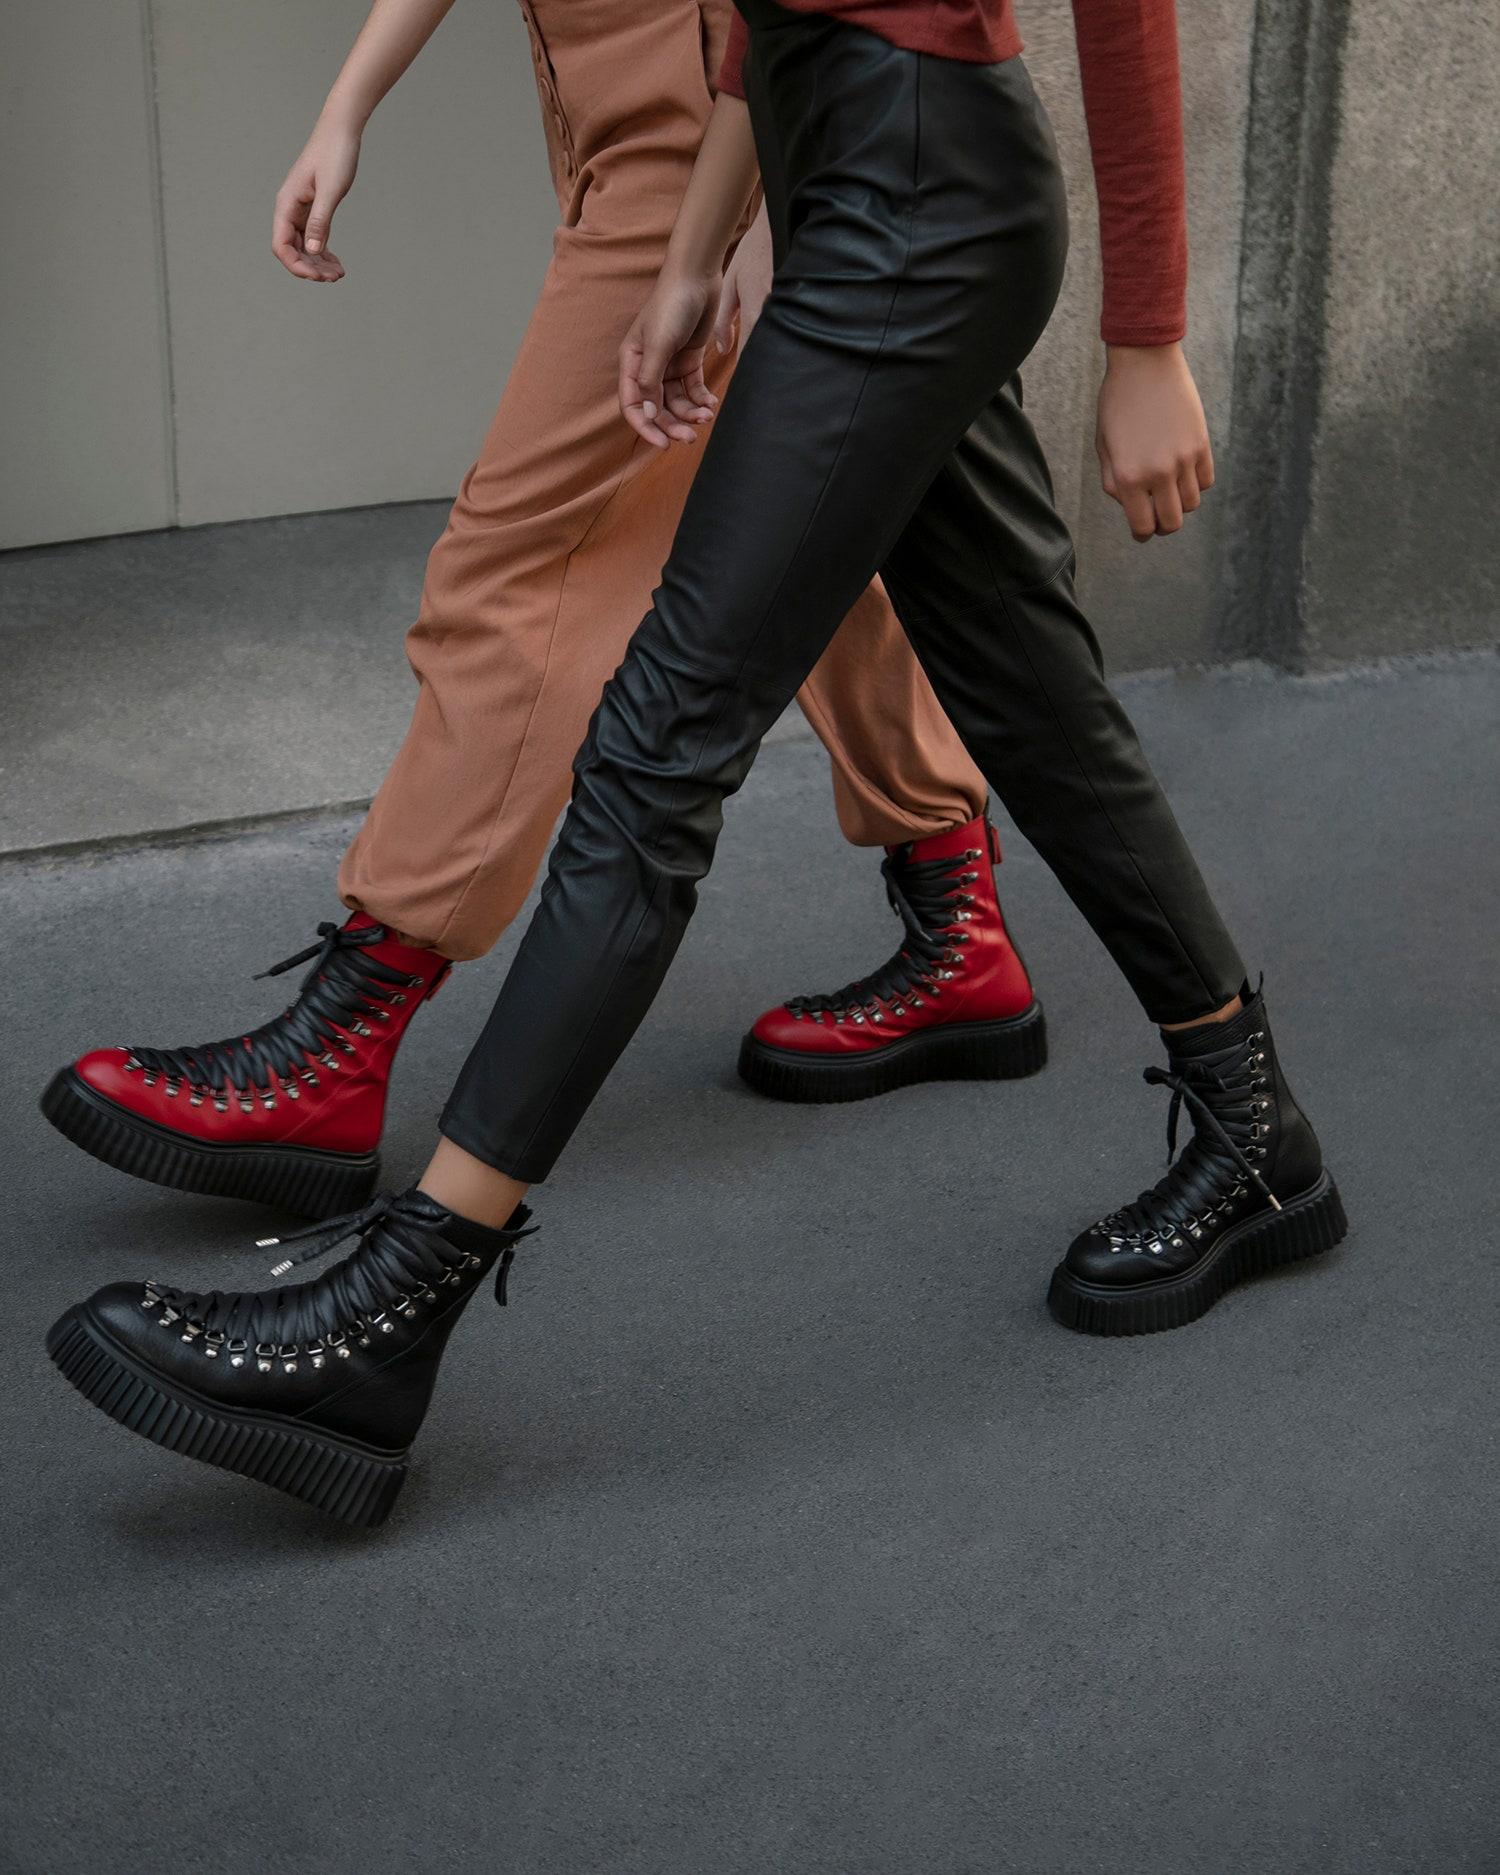 Новые брутальные высокие ботинки AGL на шнуровке в стиле гранж —новое решение итальянского бренда для базового гардероба, которое подойдет как на каждый день, так и для особого случая